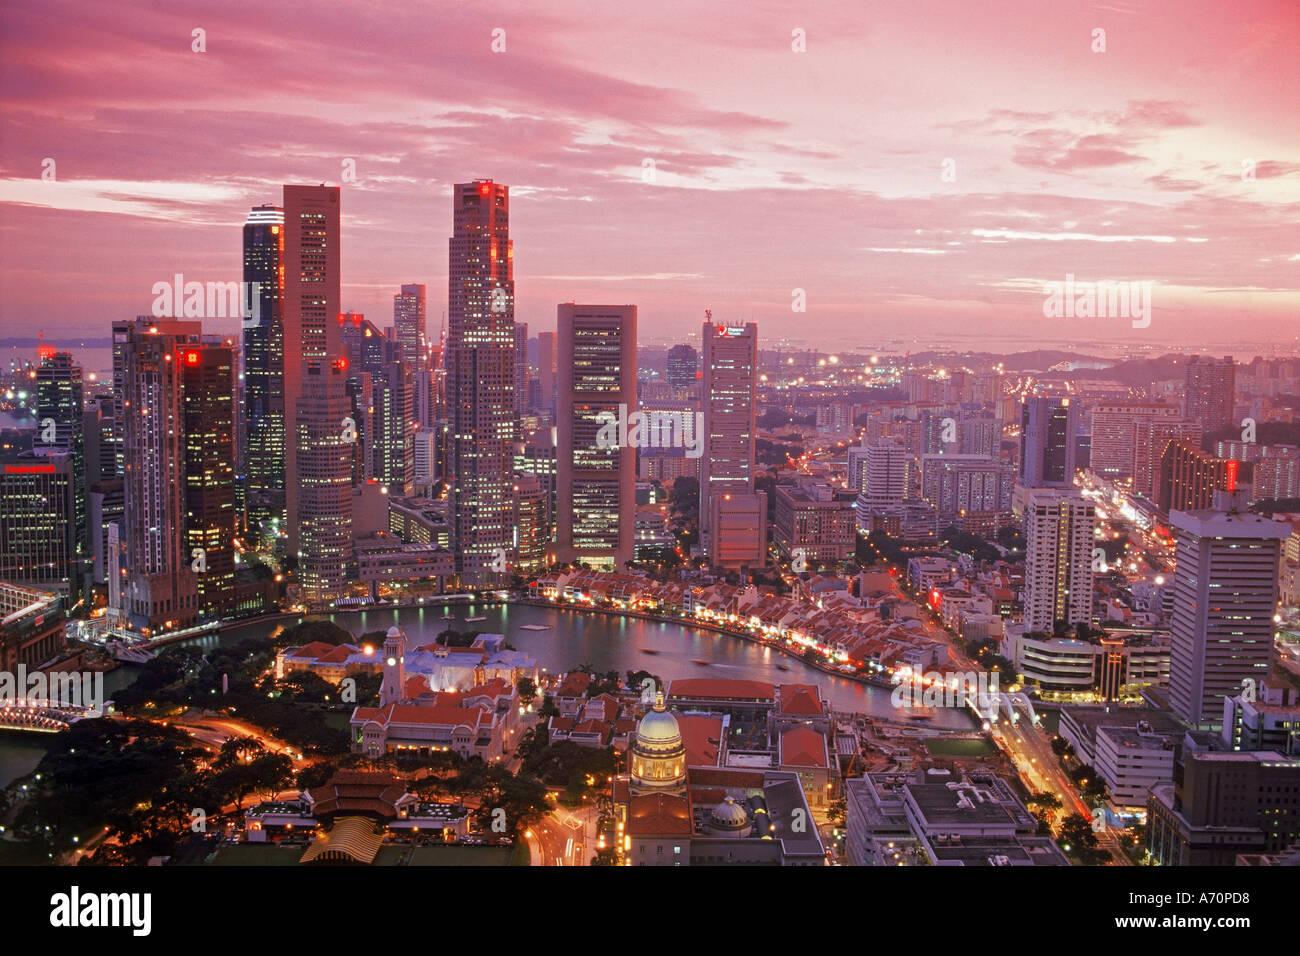 Zentralen Geschäftsviertel von Singapur bei Sonnenuntergang Stockbild